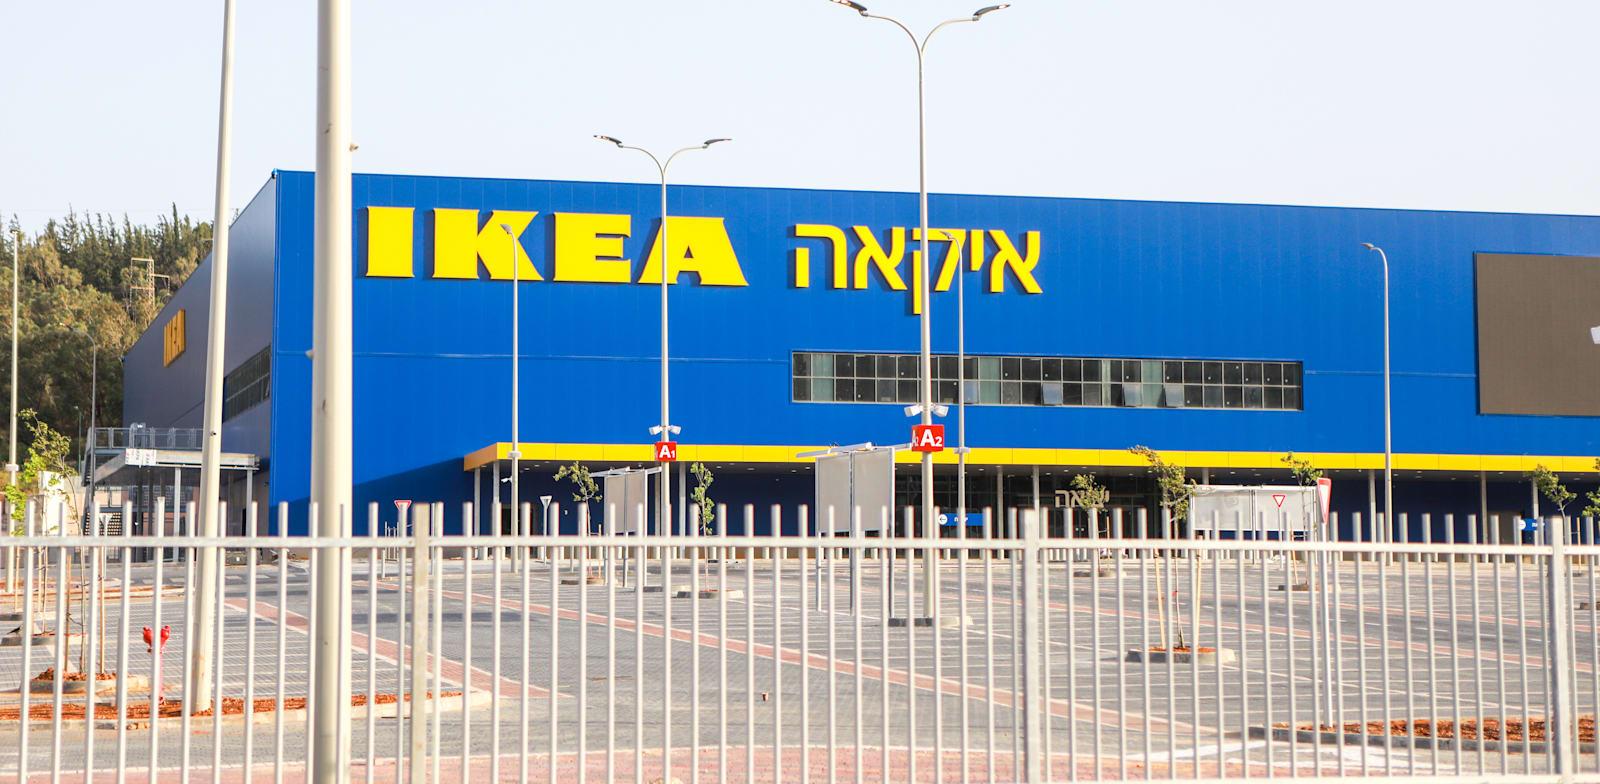 סניף איקאה אשתאול / צילום: שלומי יוסף